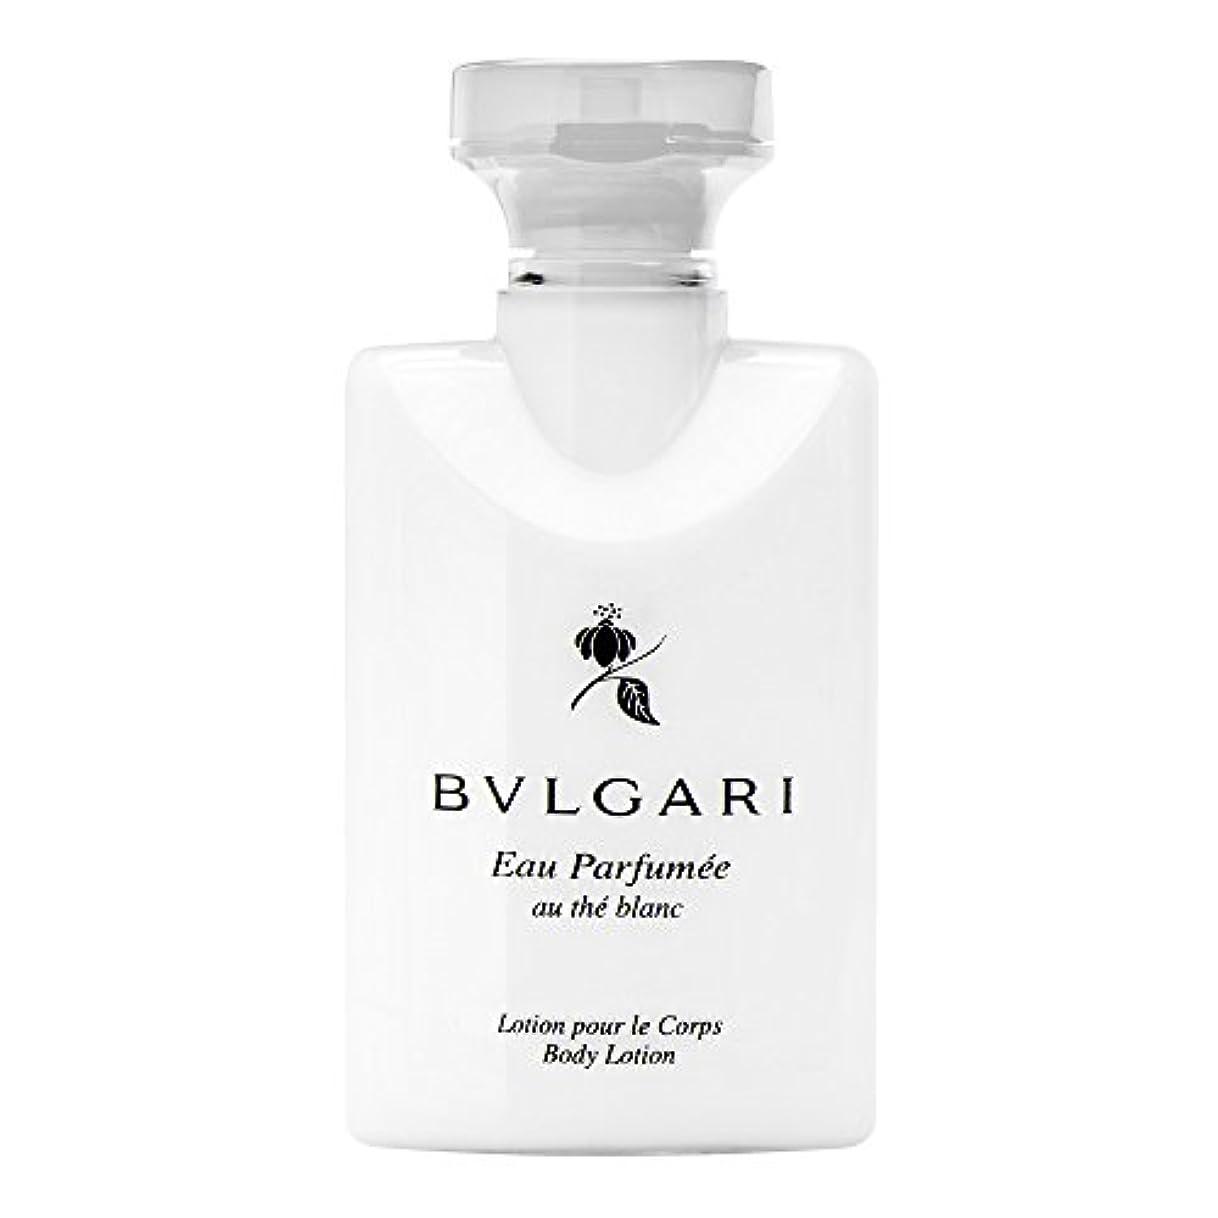 作り証拠落ち着いたBvlgari Eau Parfumee Au The Blanc (ブルガリ オー パフュ-メ オウ ブラン) 2.5 oz (75ml) Body Lotion ボディーローション